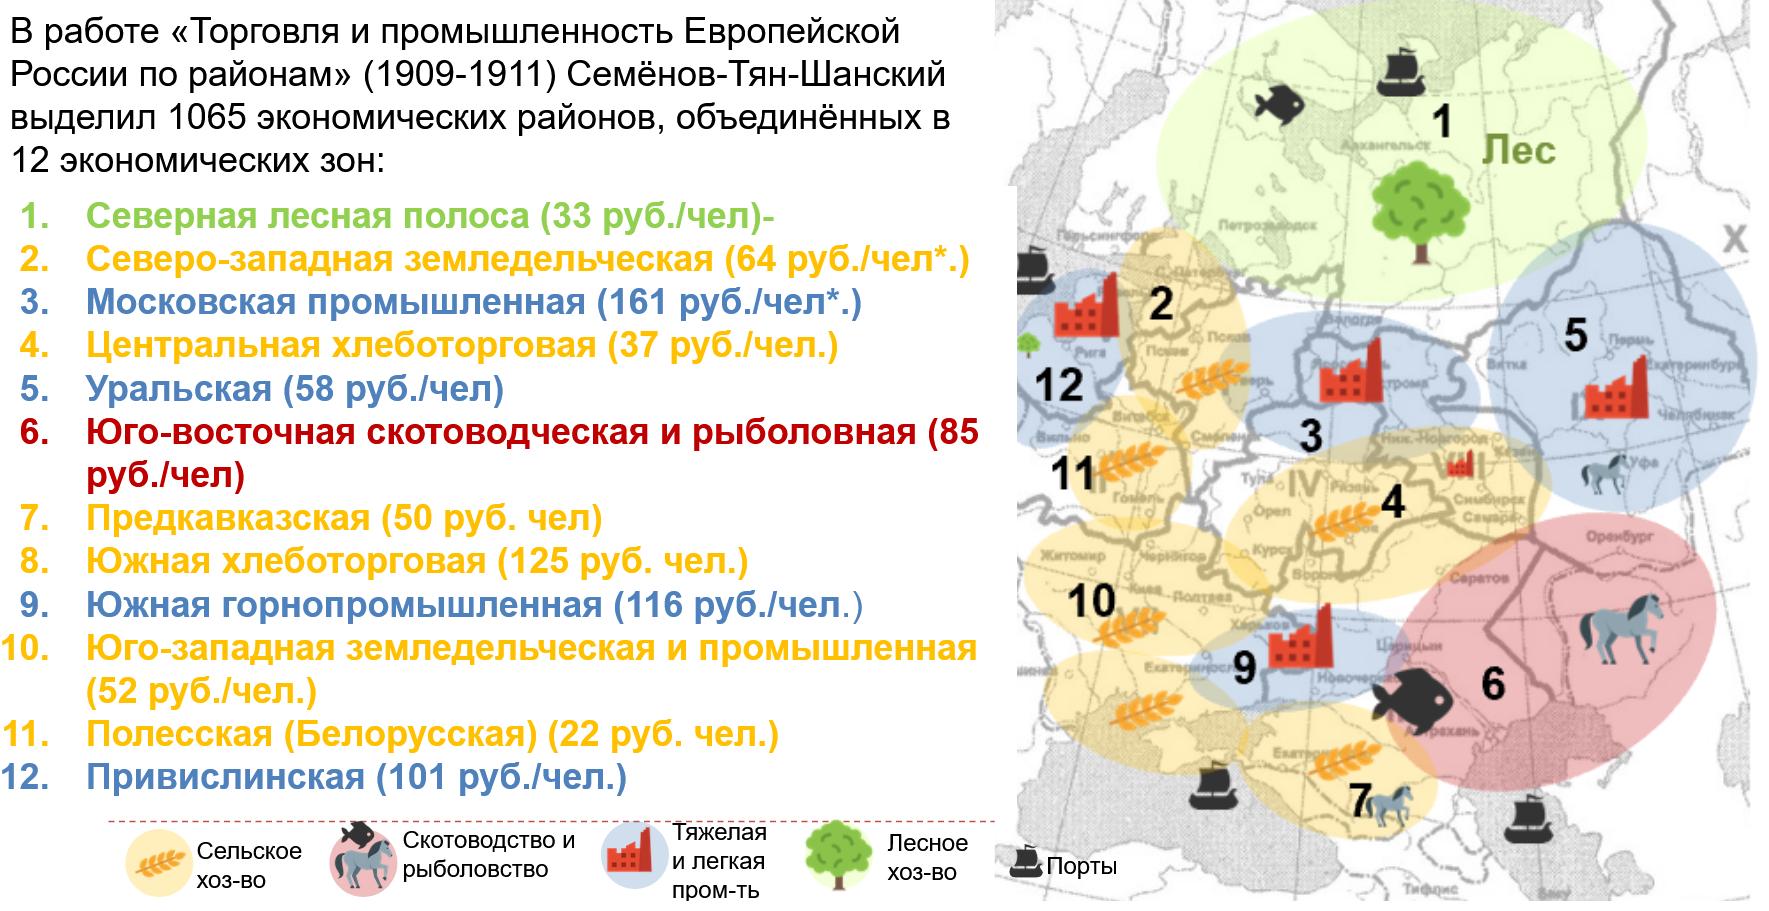 Семенов-Тян-Шанский - экономические районы и зоны на карте